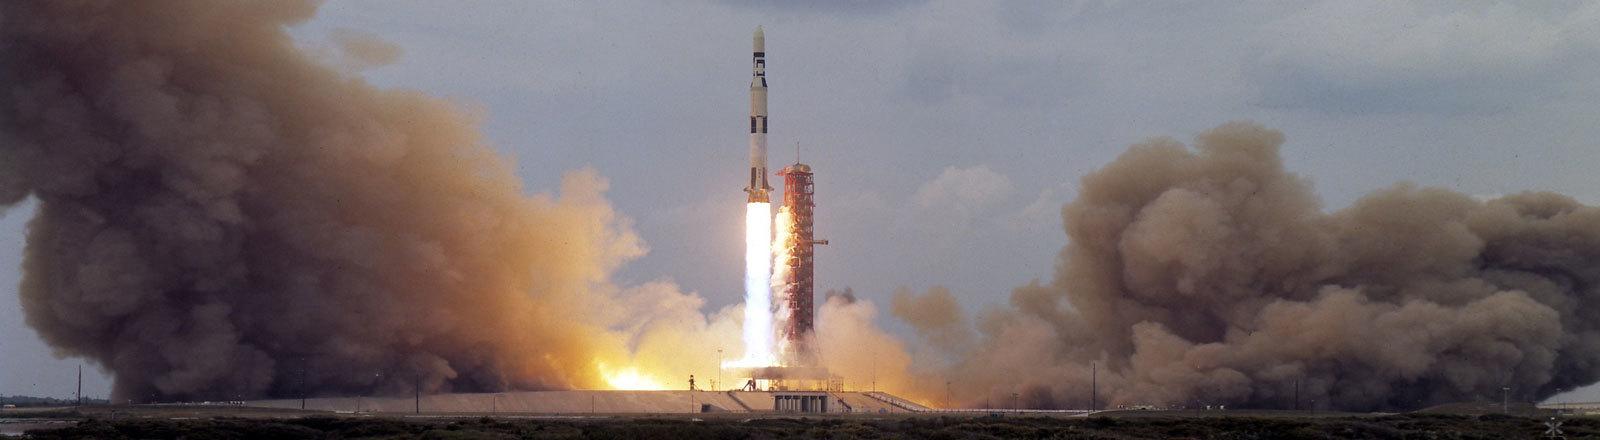 Eine Saturn-V-Rakete startet